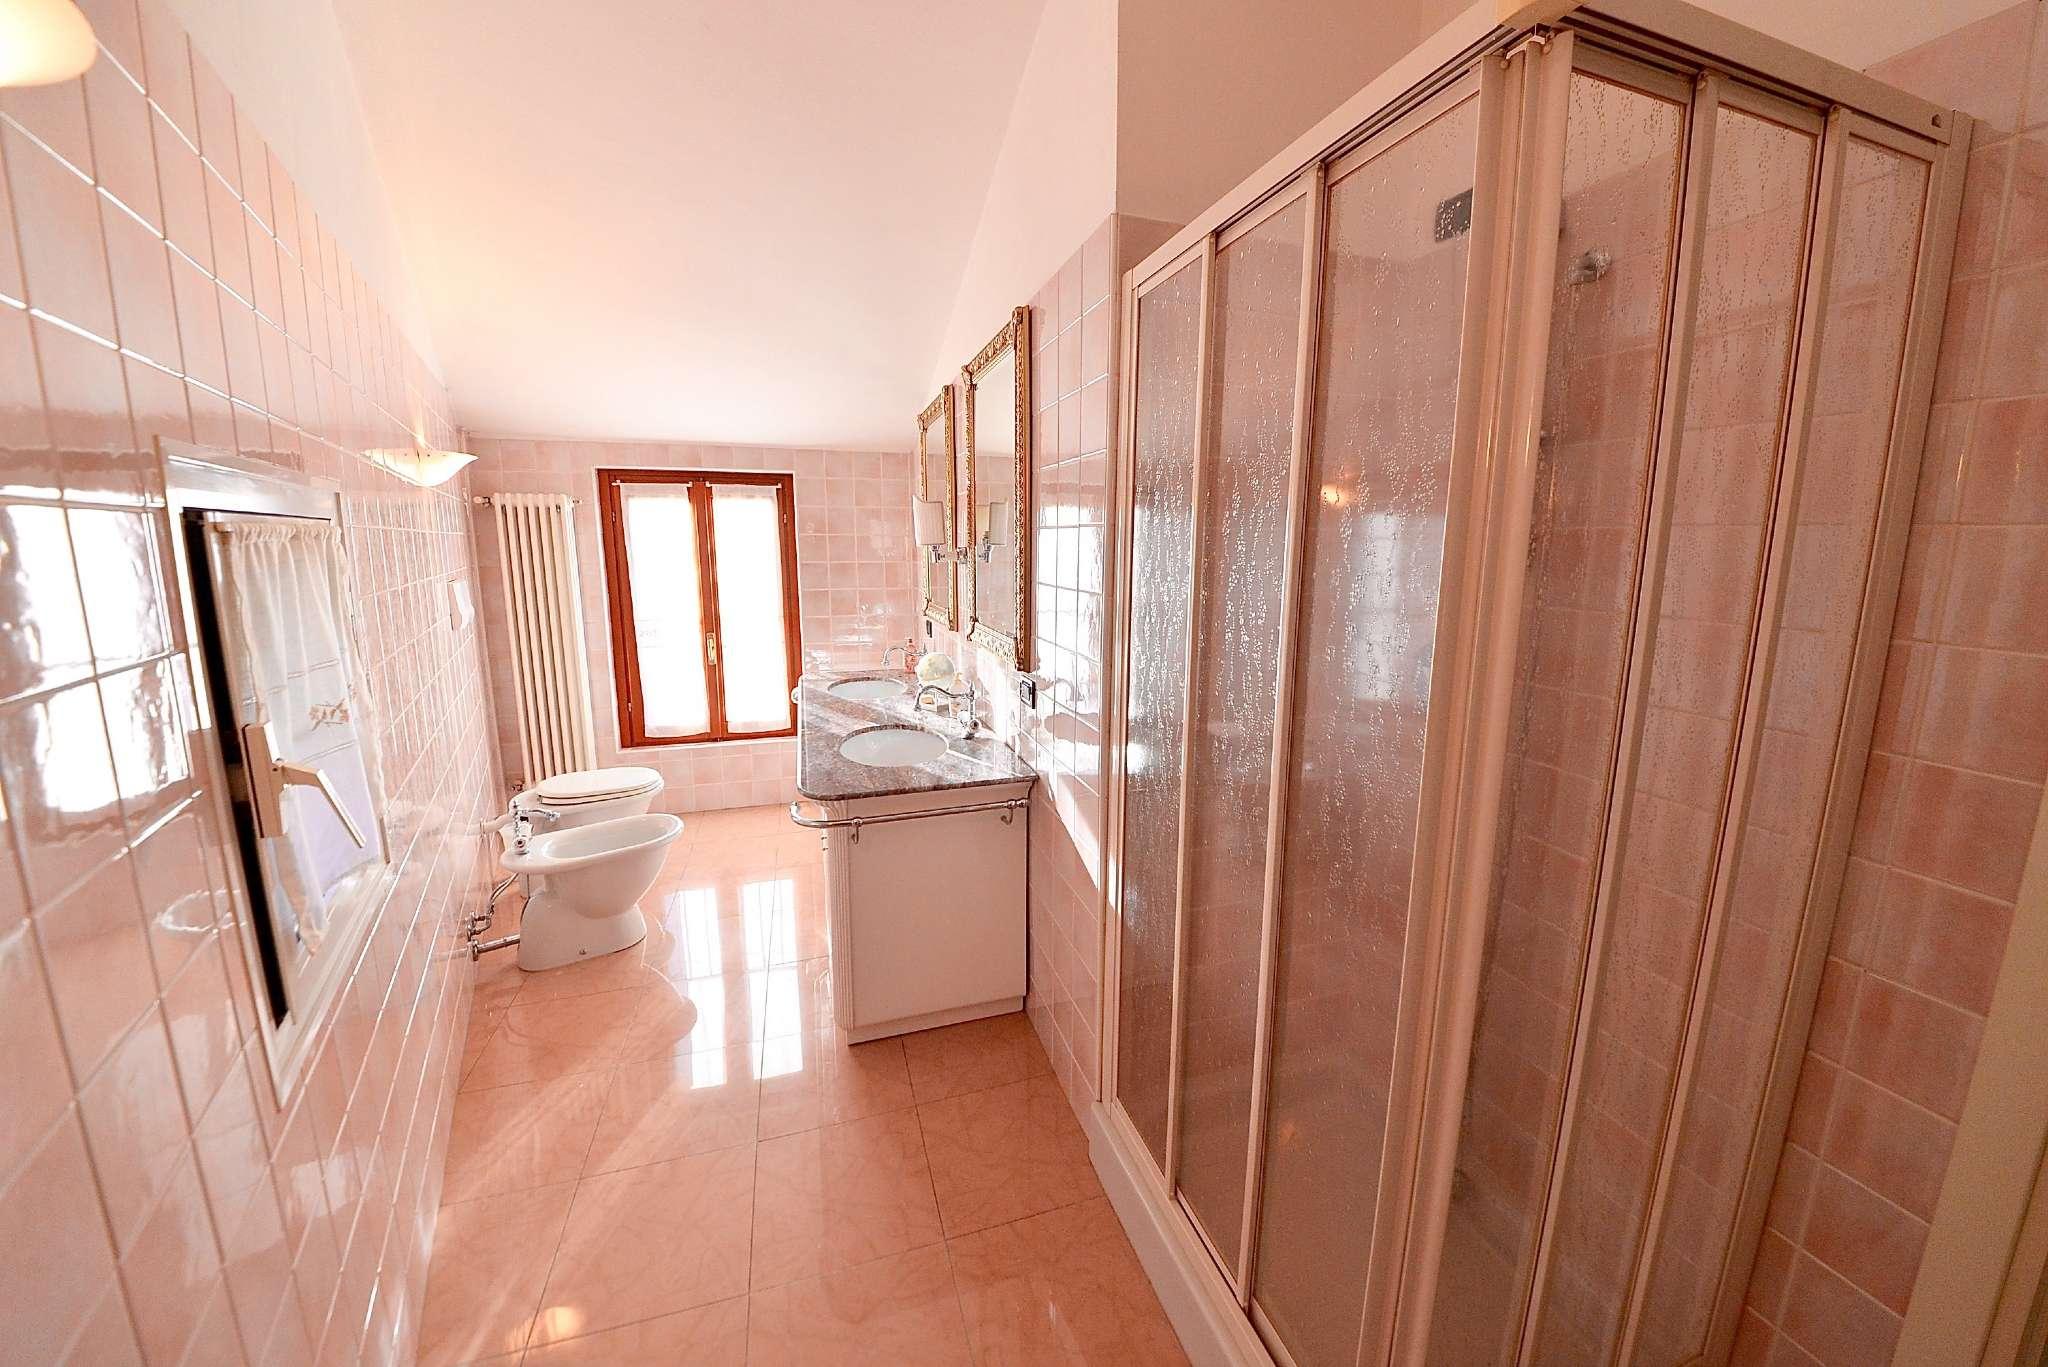 Soluzione Indipendente in vendita a Muggiò, 3 locali, prezzo € 239.000 | Cambio Casa.it